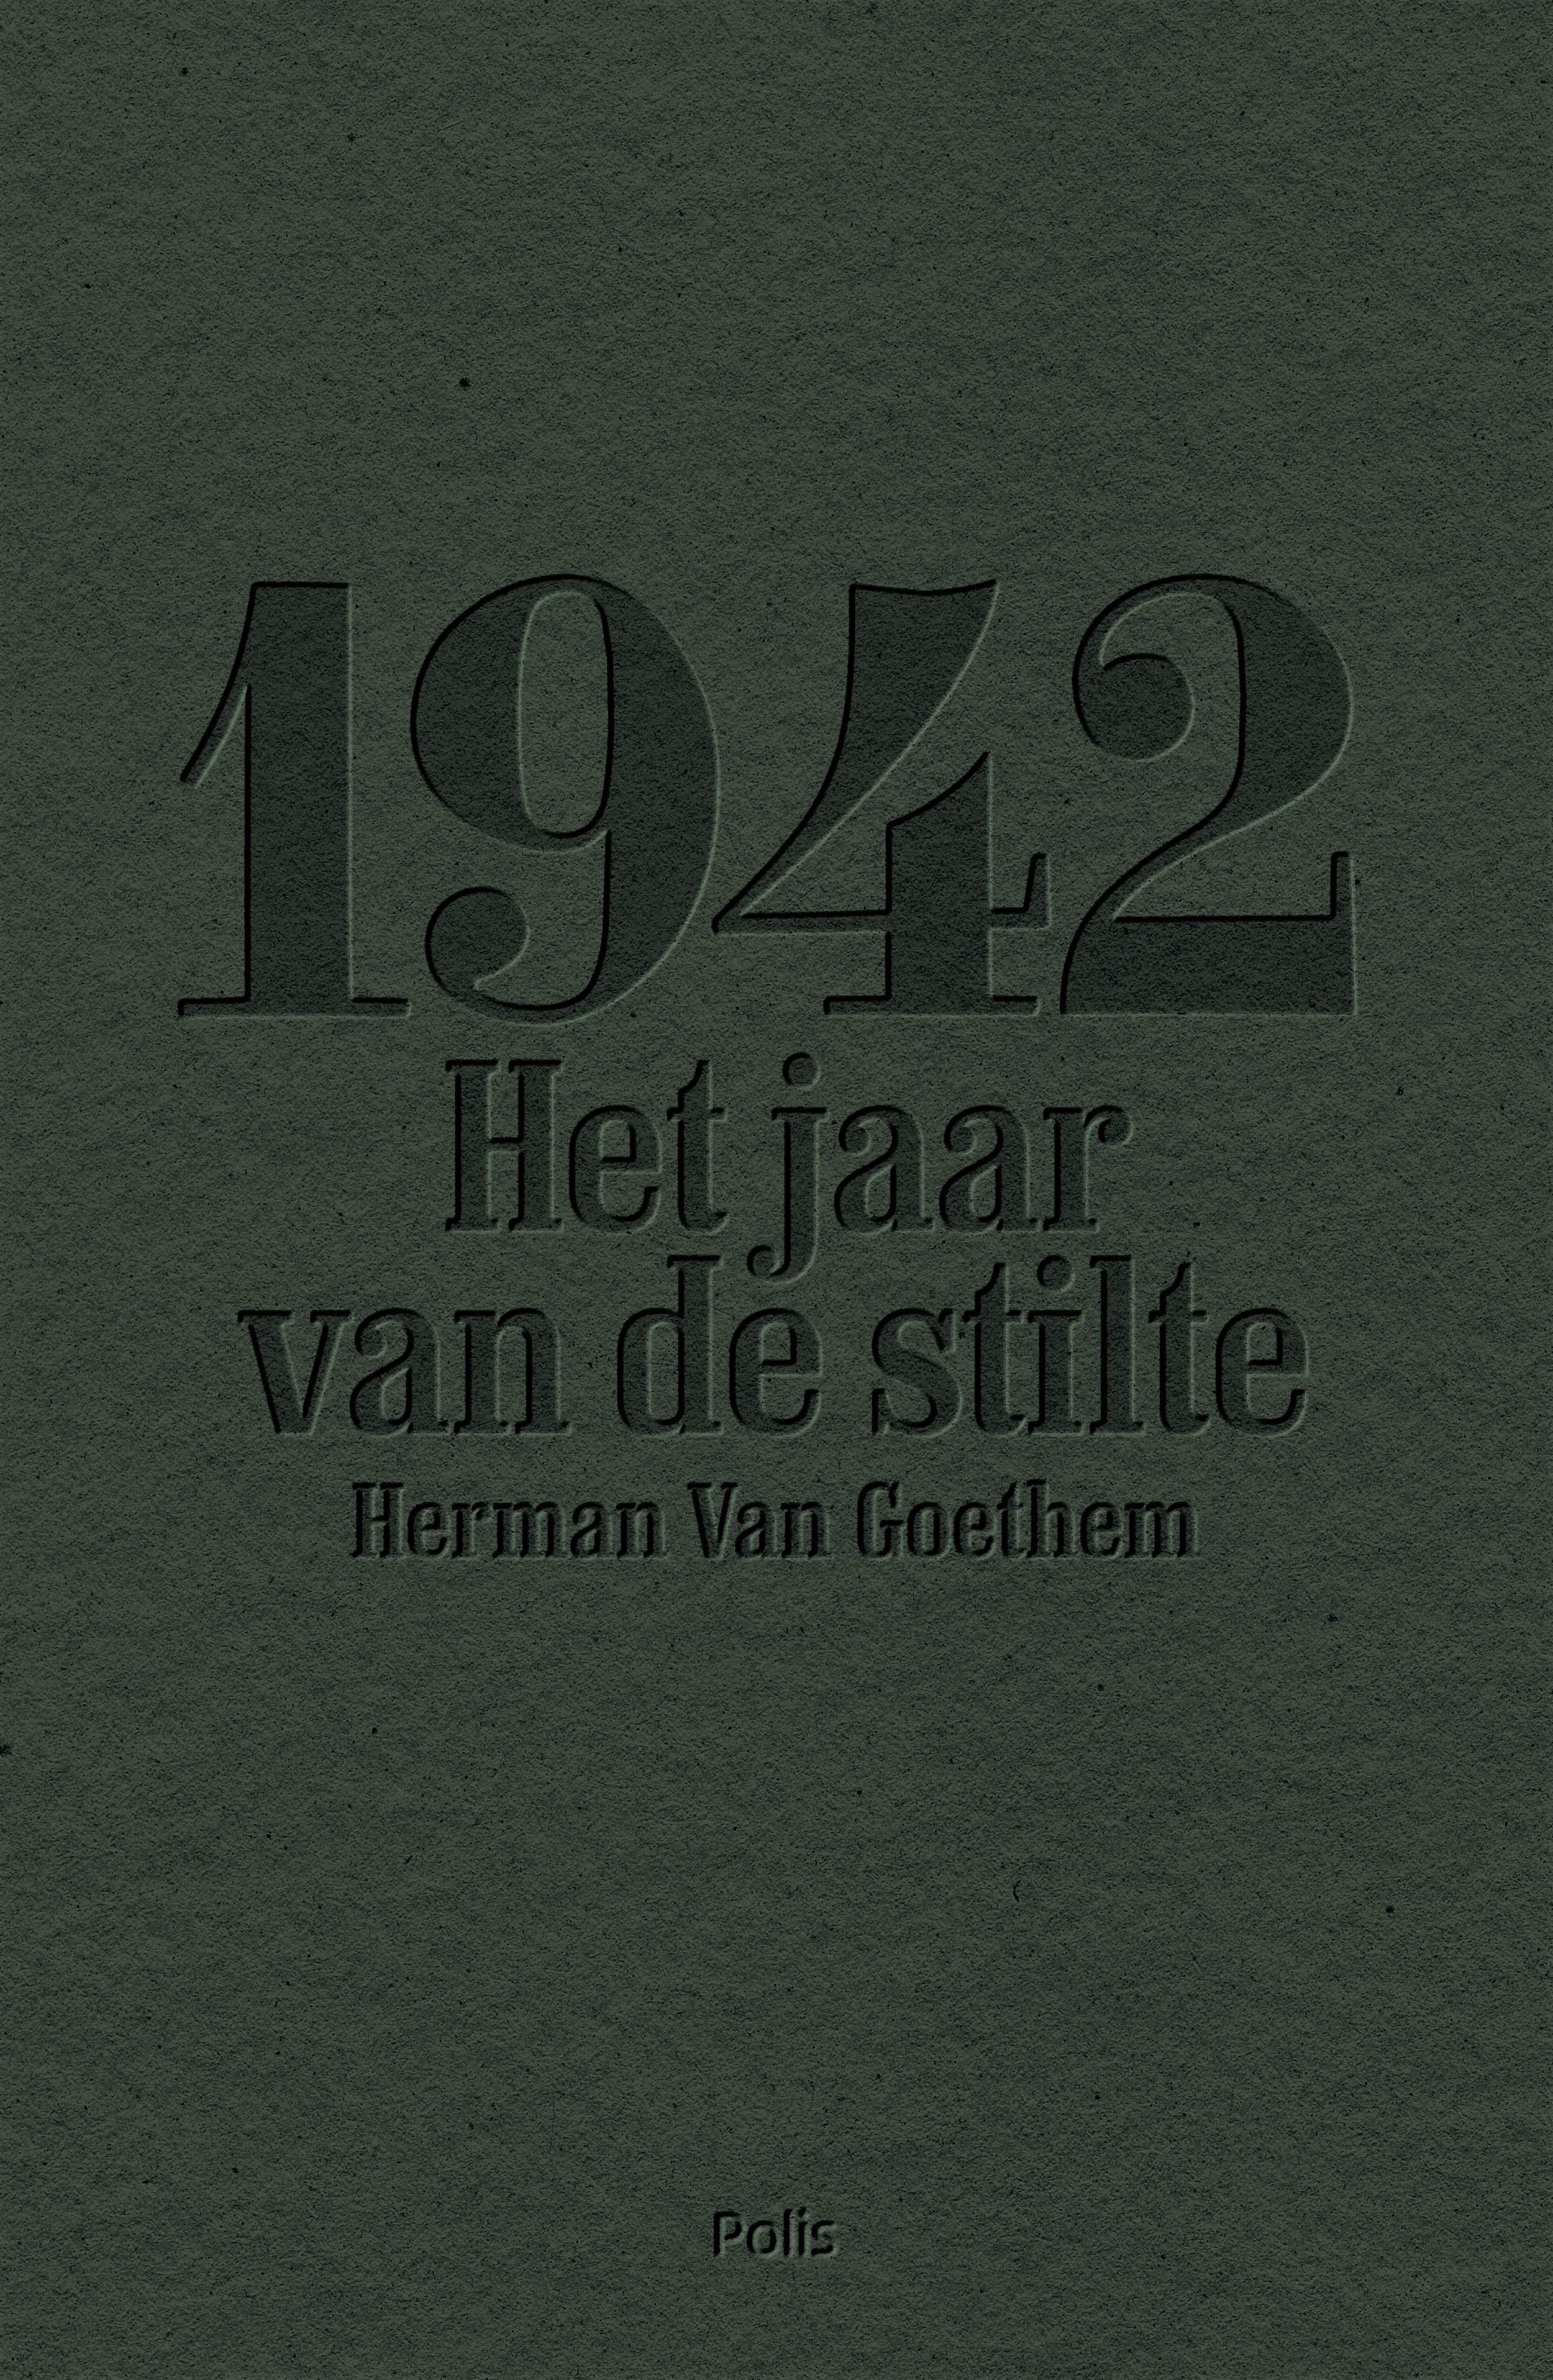 De cover van het boek © Polis